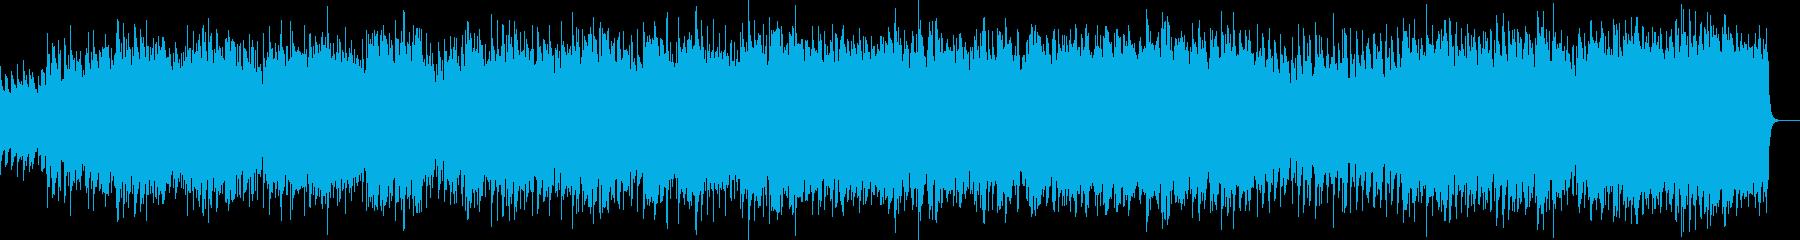 ほのぼのしたウクレレとピアノのBGMの再生済みの波形